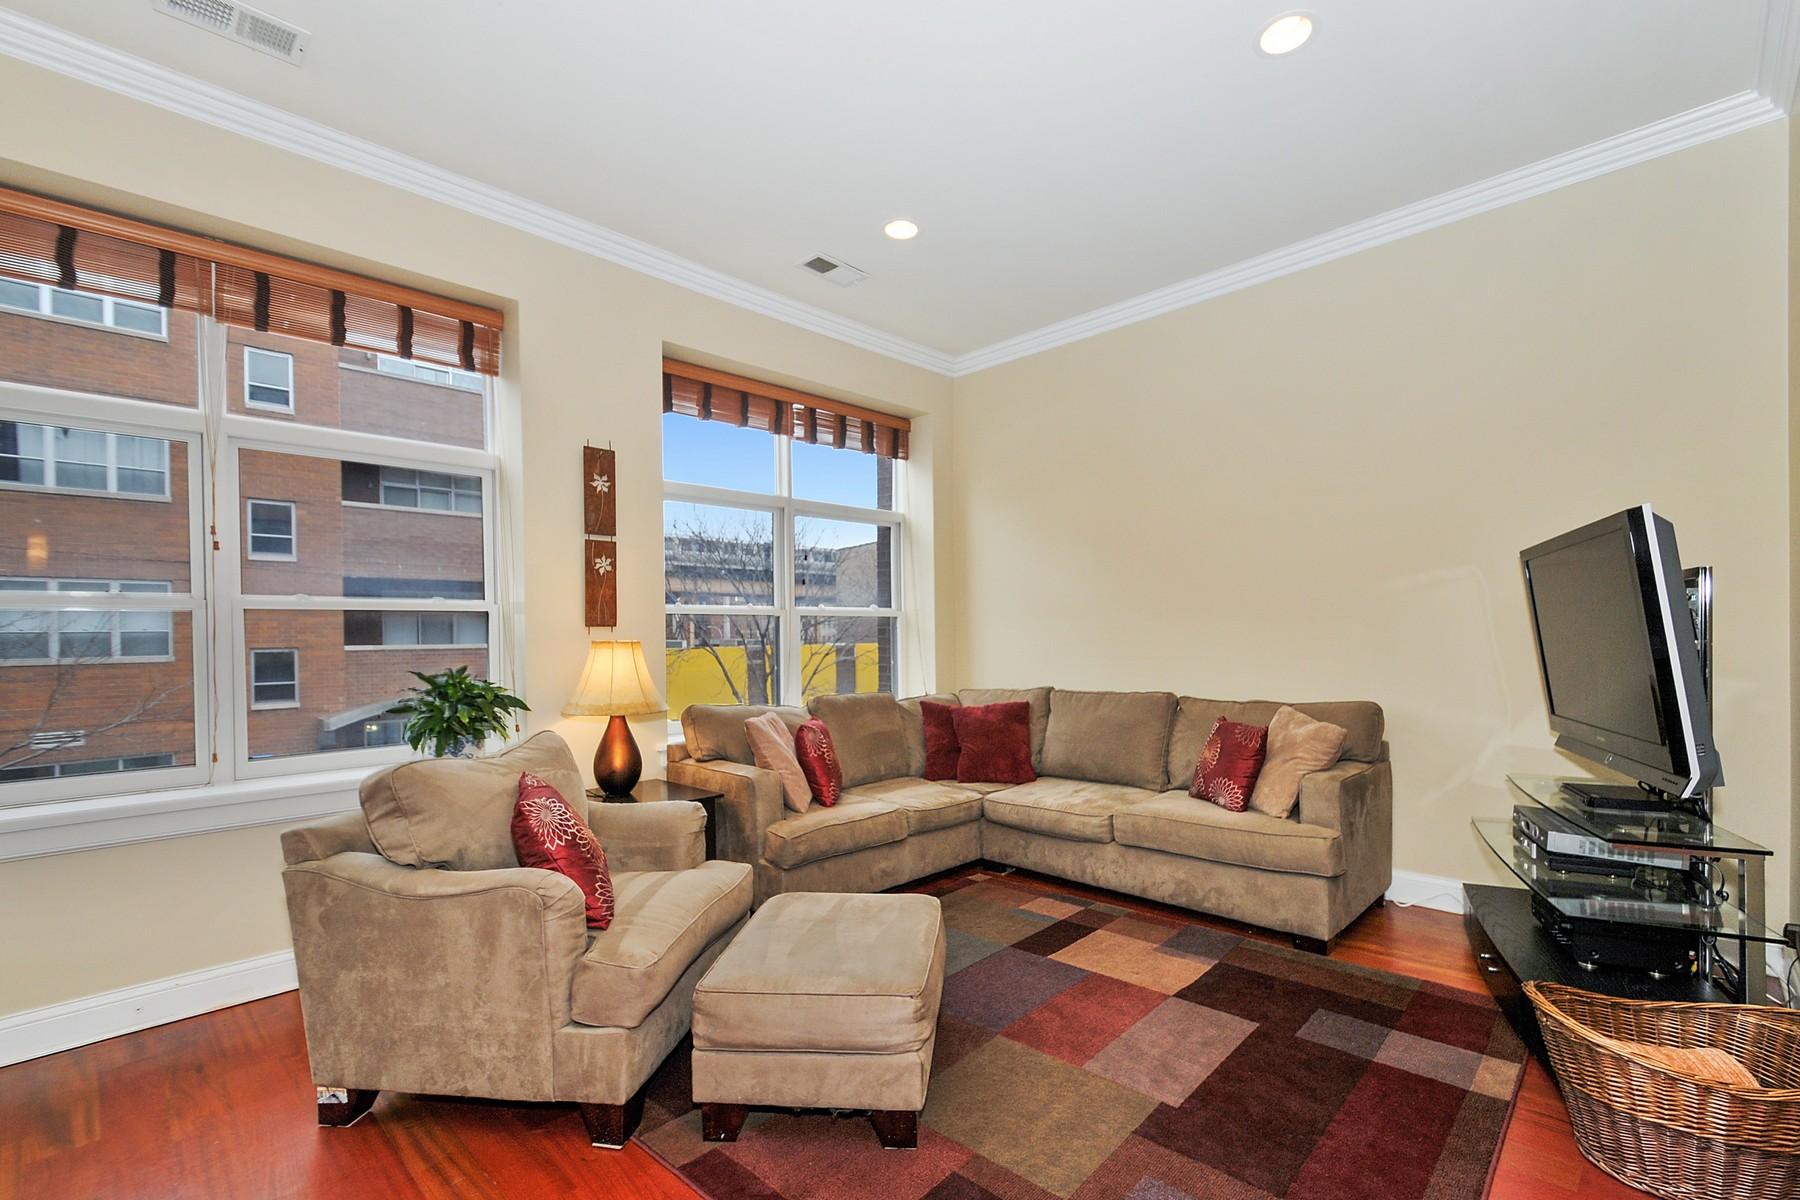 Condominium for Sale at Exceptional Open Floor Plan 1815 N Milwaukee Unit 201 Logan Square, Chicago, Illinois 60647 United States